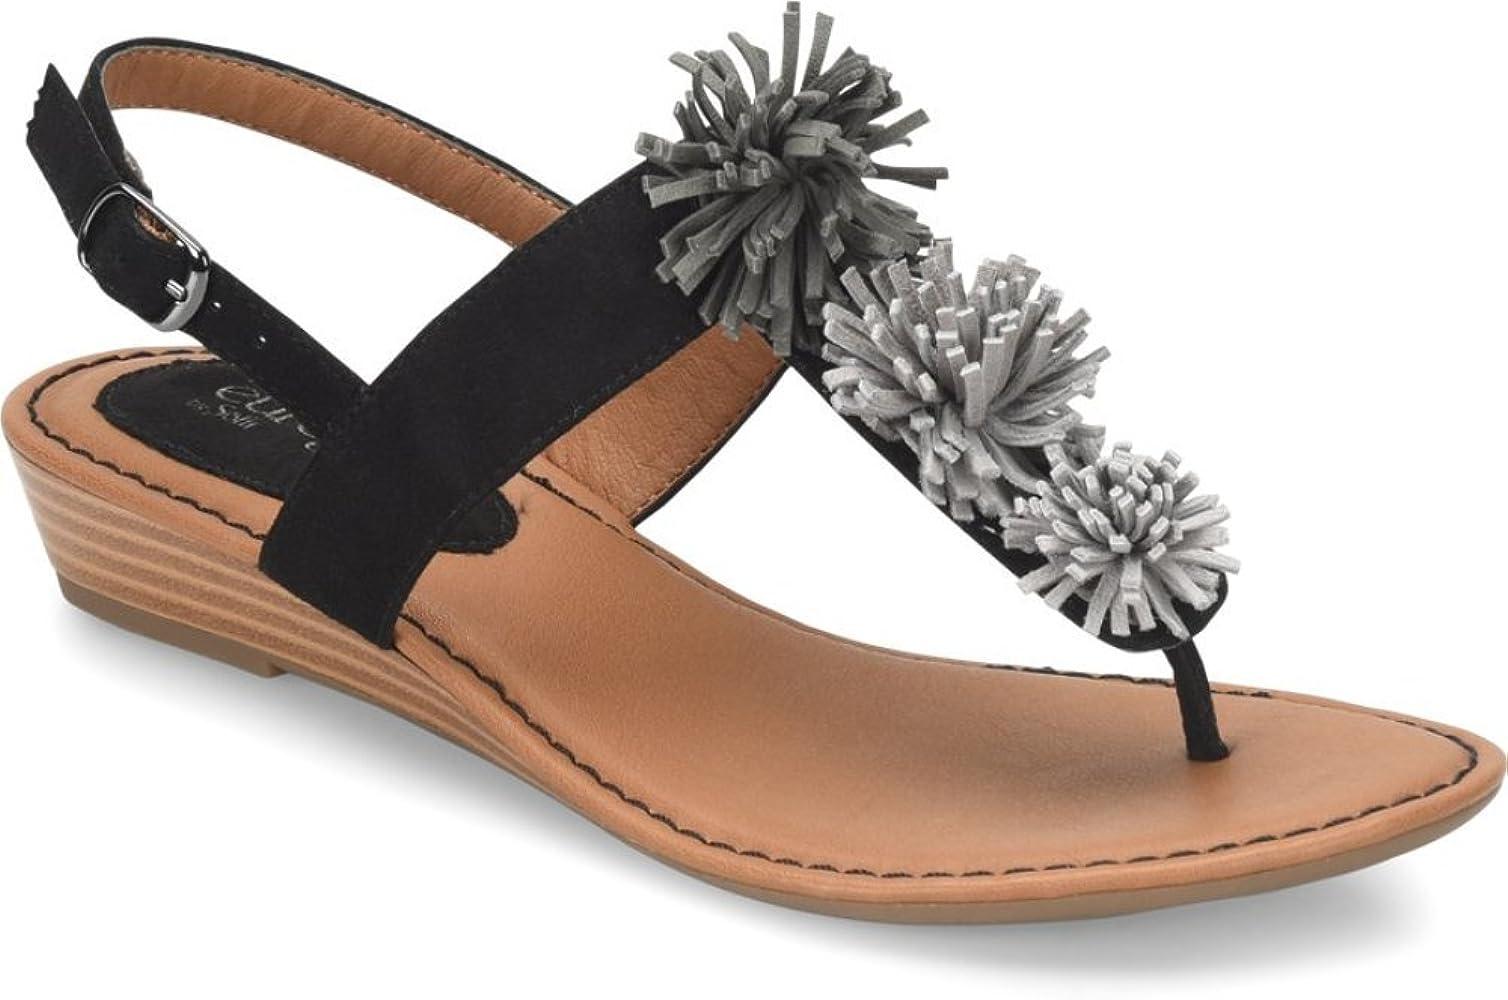 Maisie Sandals Womens Eurosoft